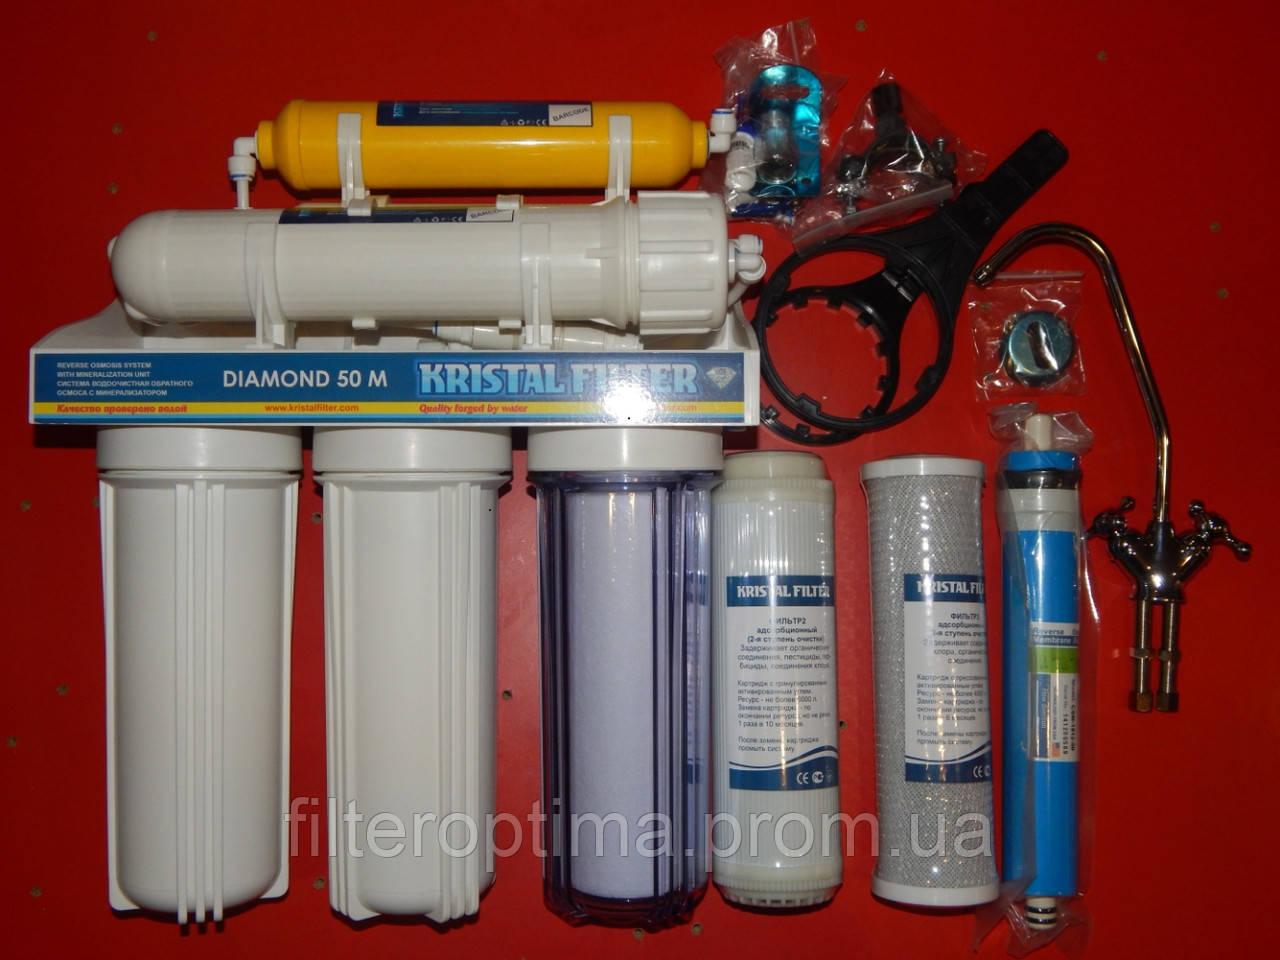 Фильтр для воды с обратным осмосом Kristal Diamond 50M - ЧП Белоконь А.О. в Харькове